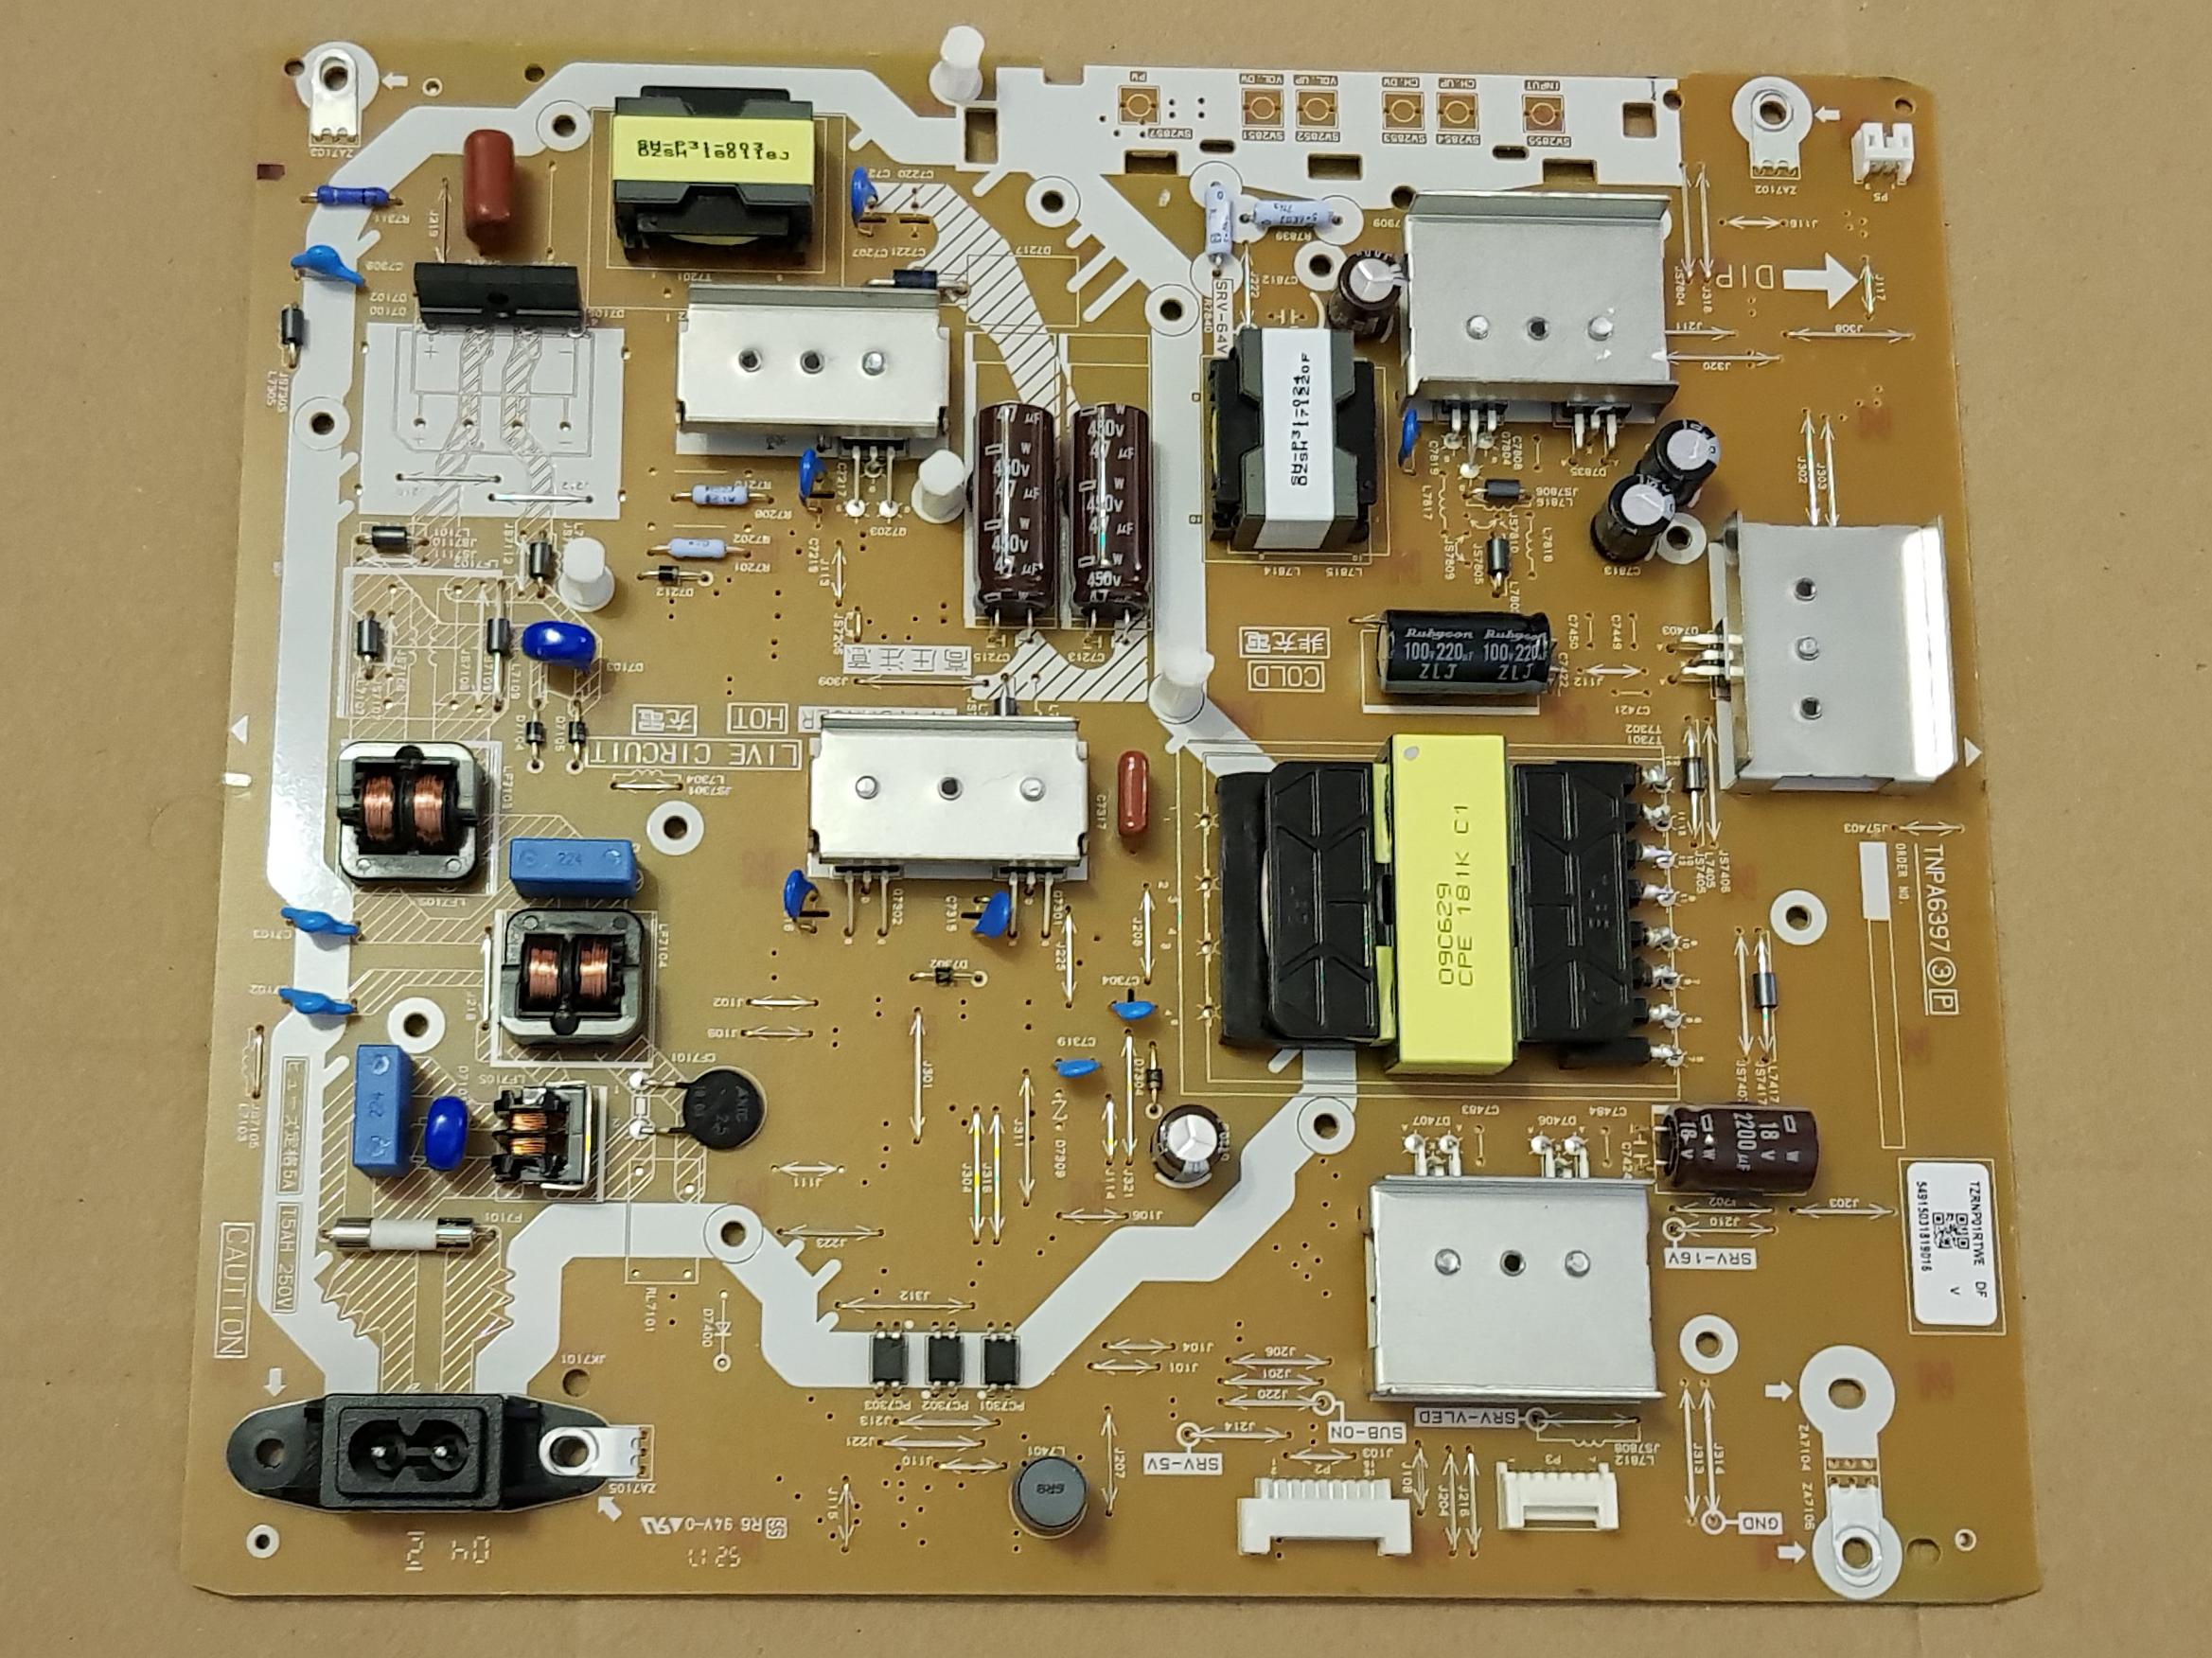 /tmp/con-5d20575908580/40752_Product.jpg